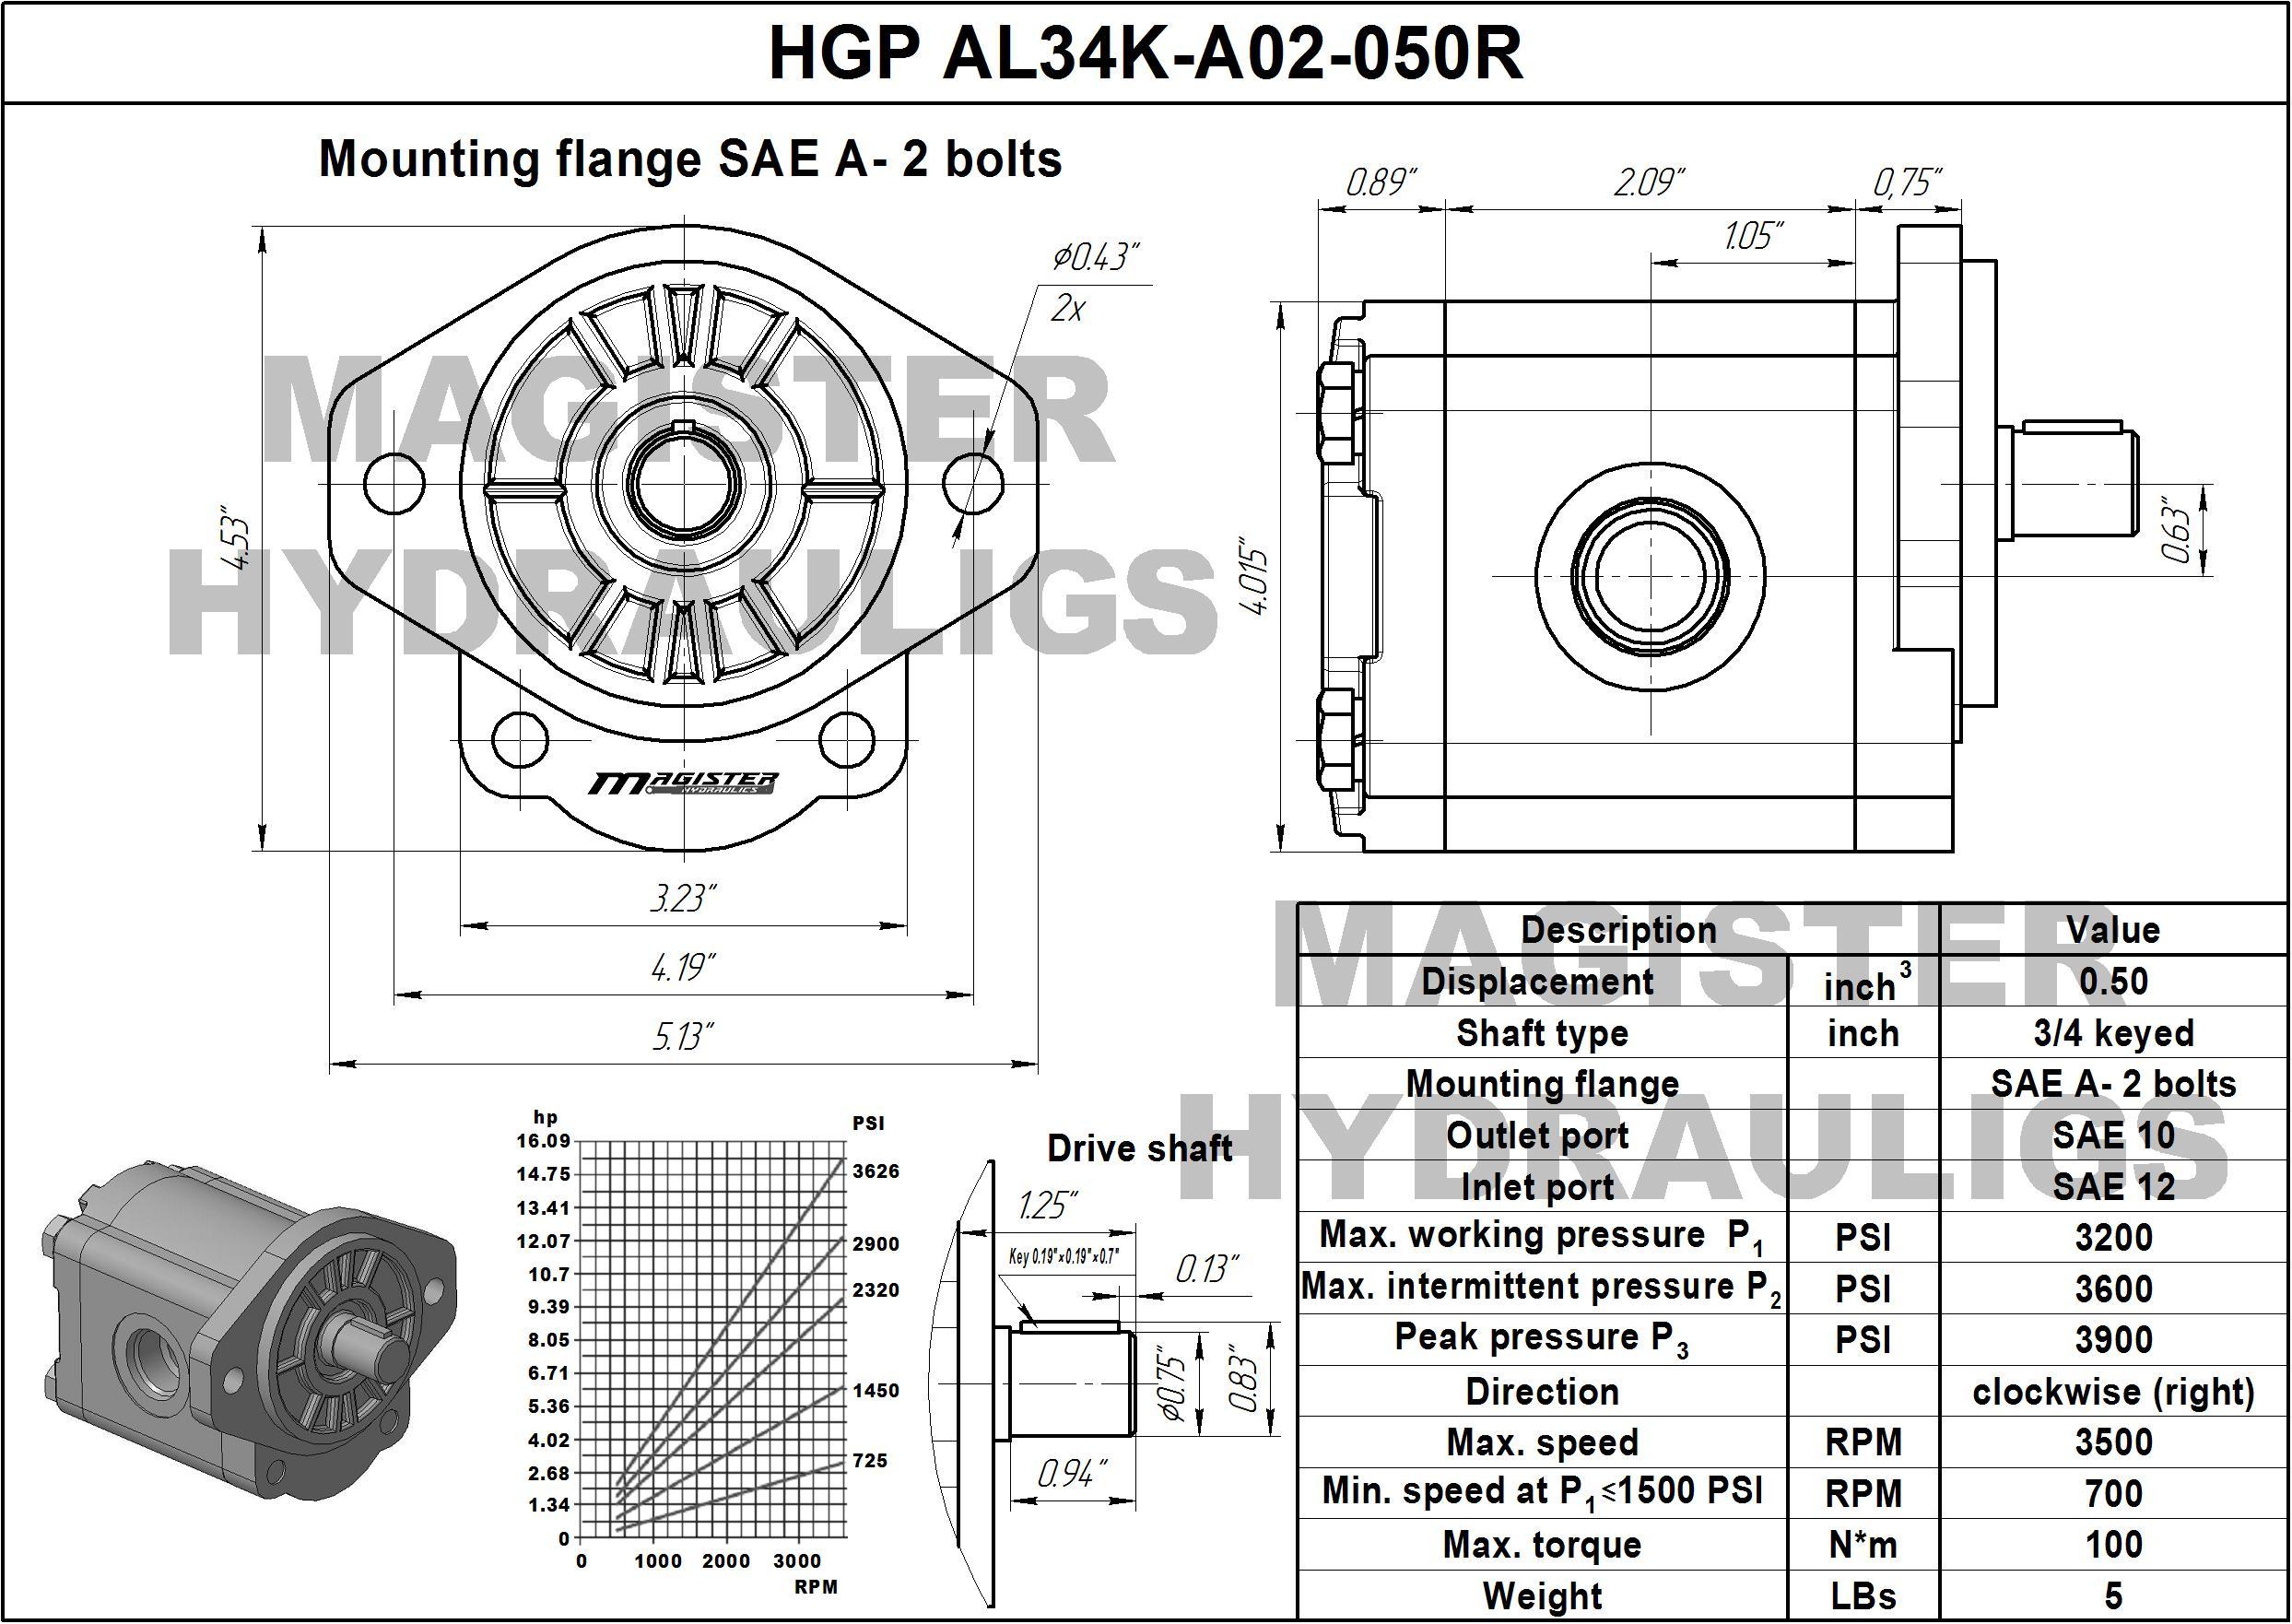 0.50 CID hydraulic gear pump, 3/4 keyed shaft clockwise gear pump | Magister Hydraulics